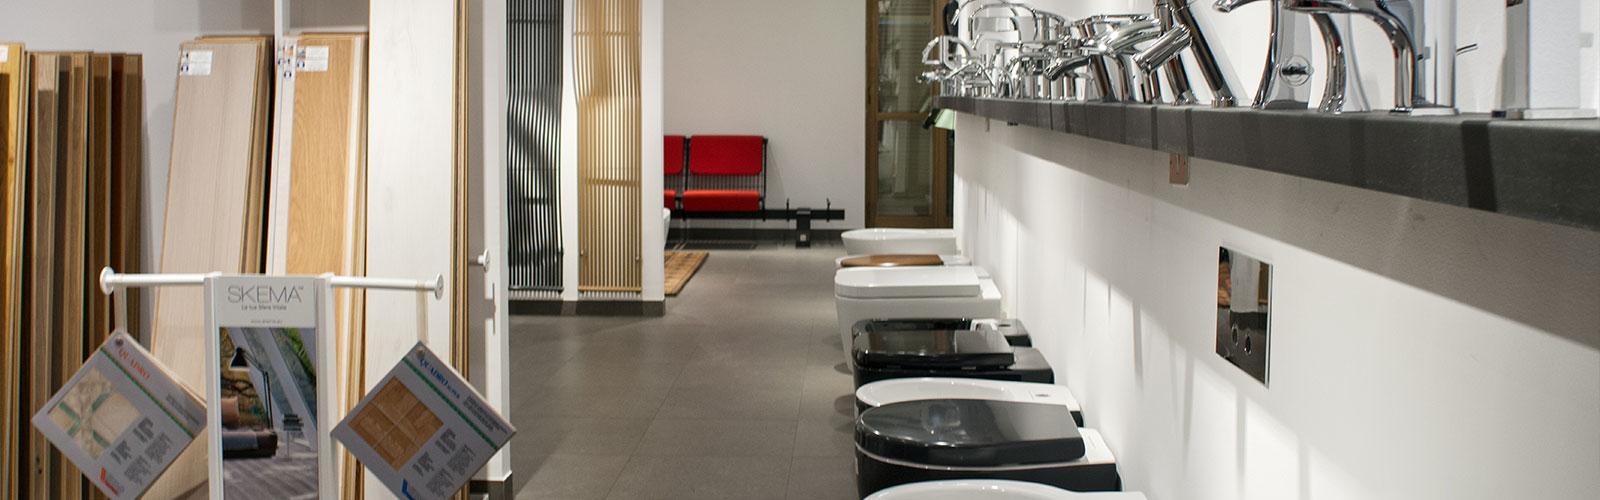 Sprea vendita ceramiche pavimenti rivestimenti a torino e piemonte - Vendita piastrelle torino ...